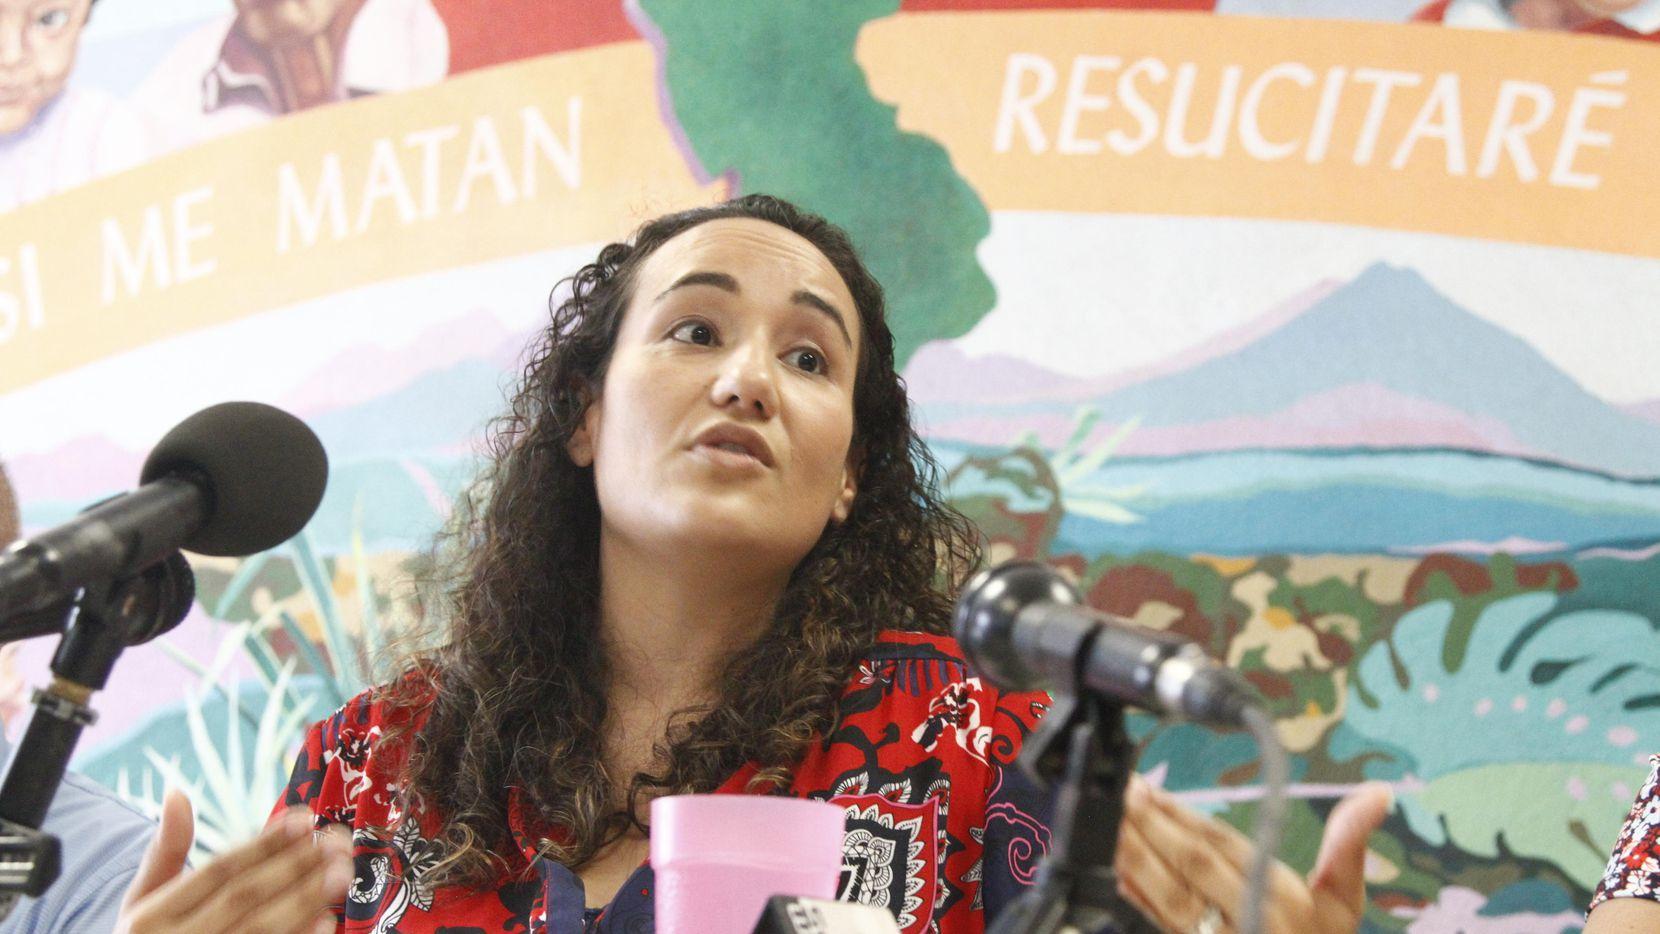 La pediatra Lisa Ayoub-Rodríguez habló el martes en un centro refugio para migrantes en El Paso. (AP/CEDAR ATTANASIO)